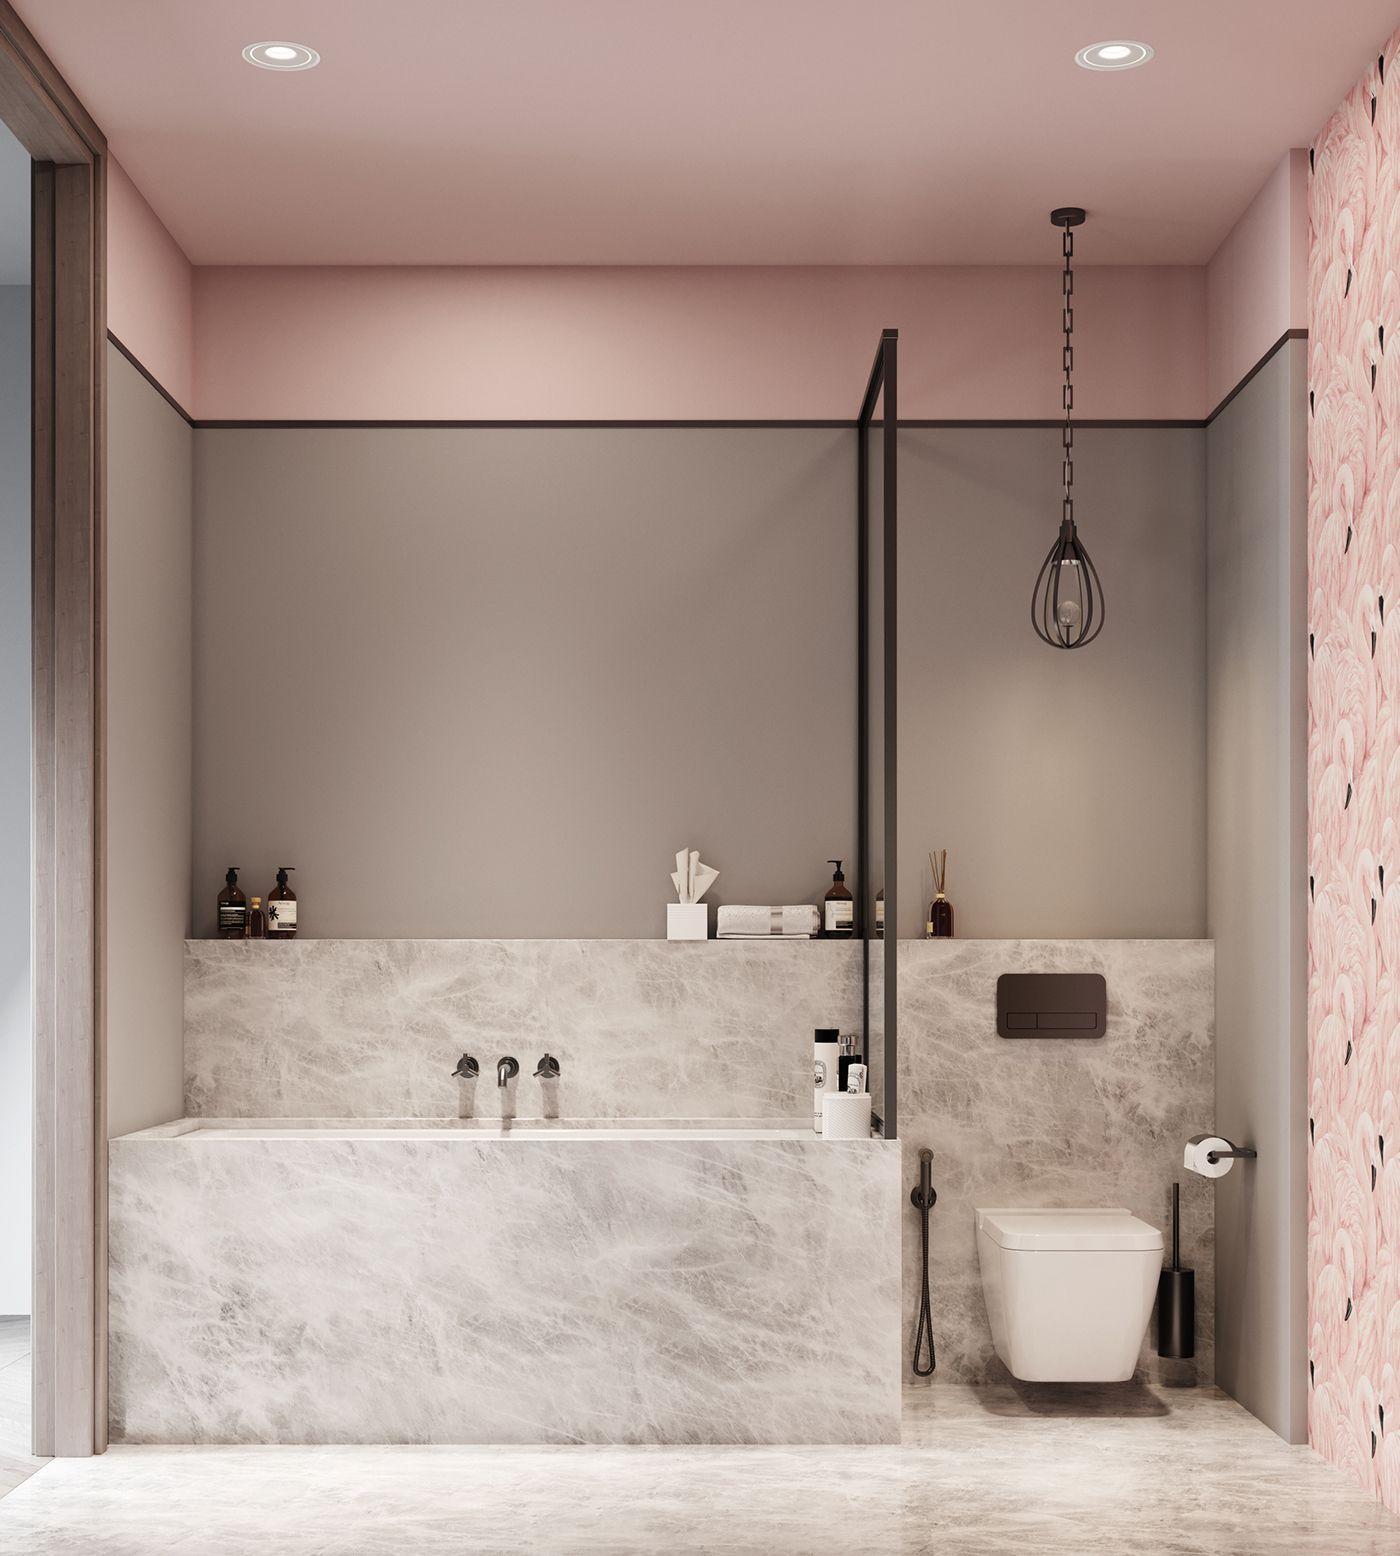 Rosa Pastellfarben Marmor Optik Trend Lampe Badezimmer Grau Einrichten Ideen Wohntrends Inn In 2020 Bad Inspiration Badezimmer Grau Badezimmer Innenausstattung